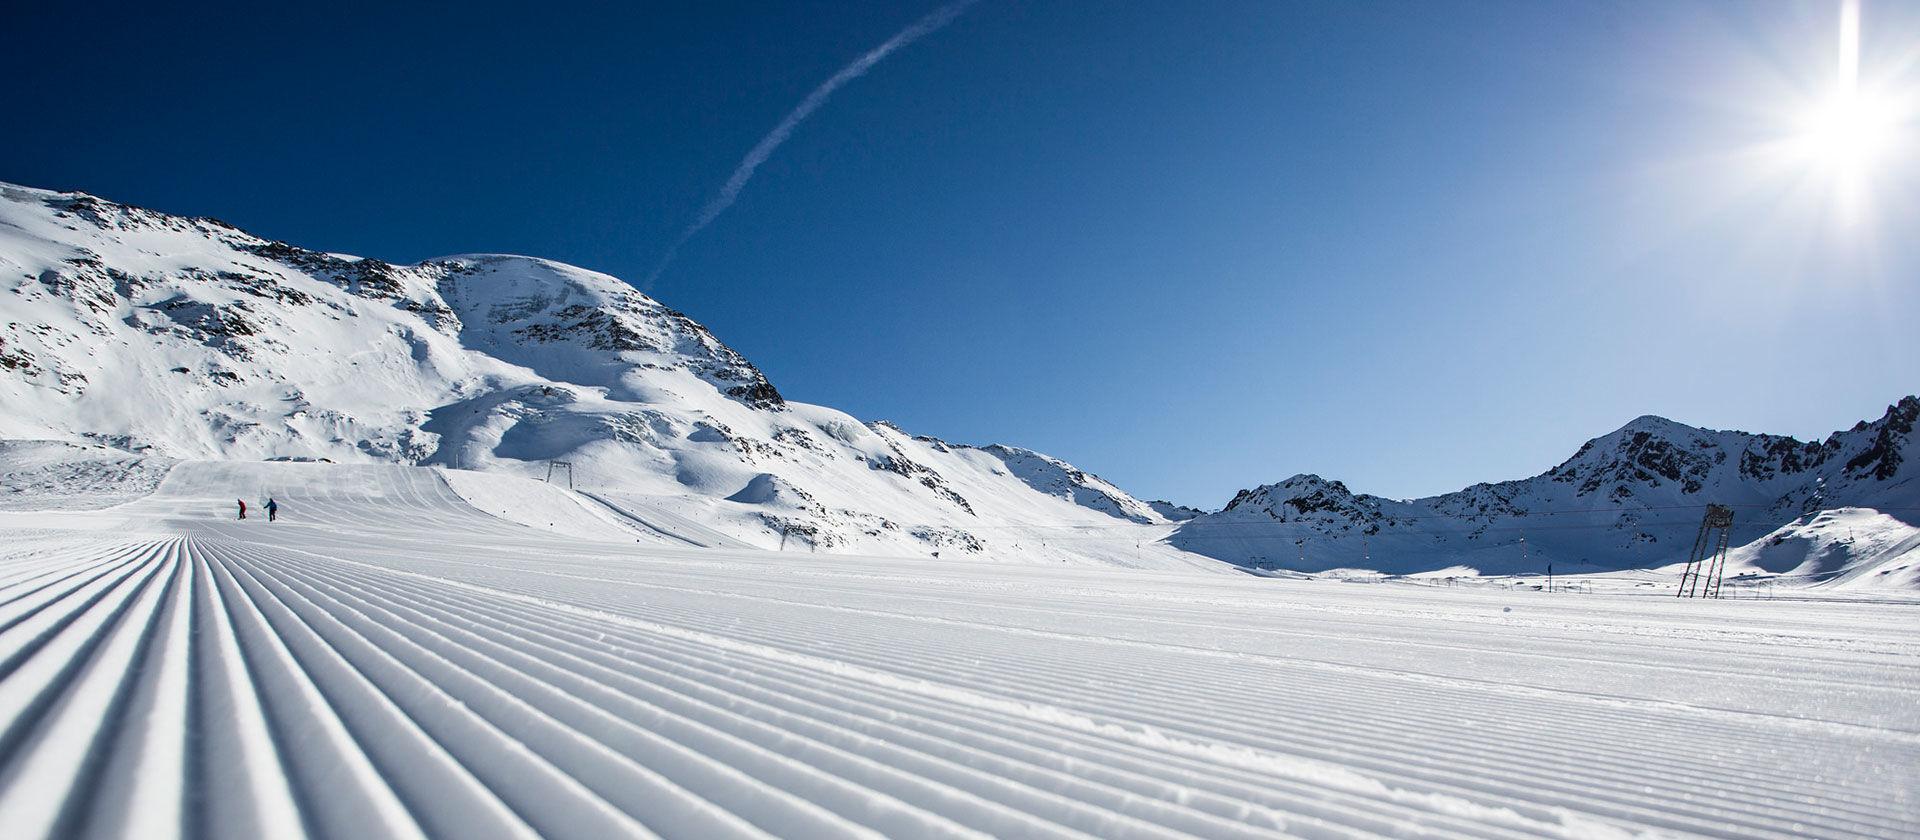 Kaunertaler Gletscher - Foto: Kaunertaler Gletscher, Daniel Zangerl